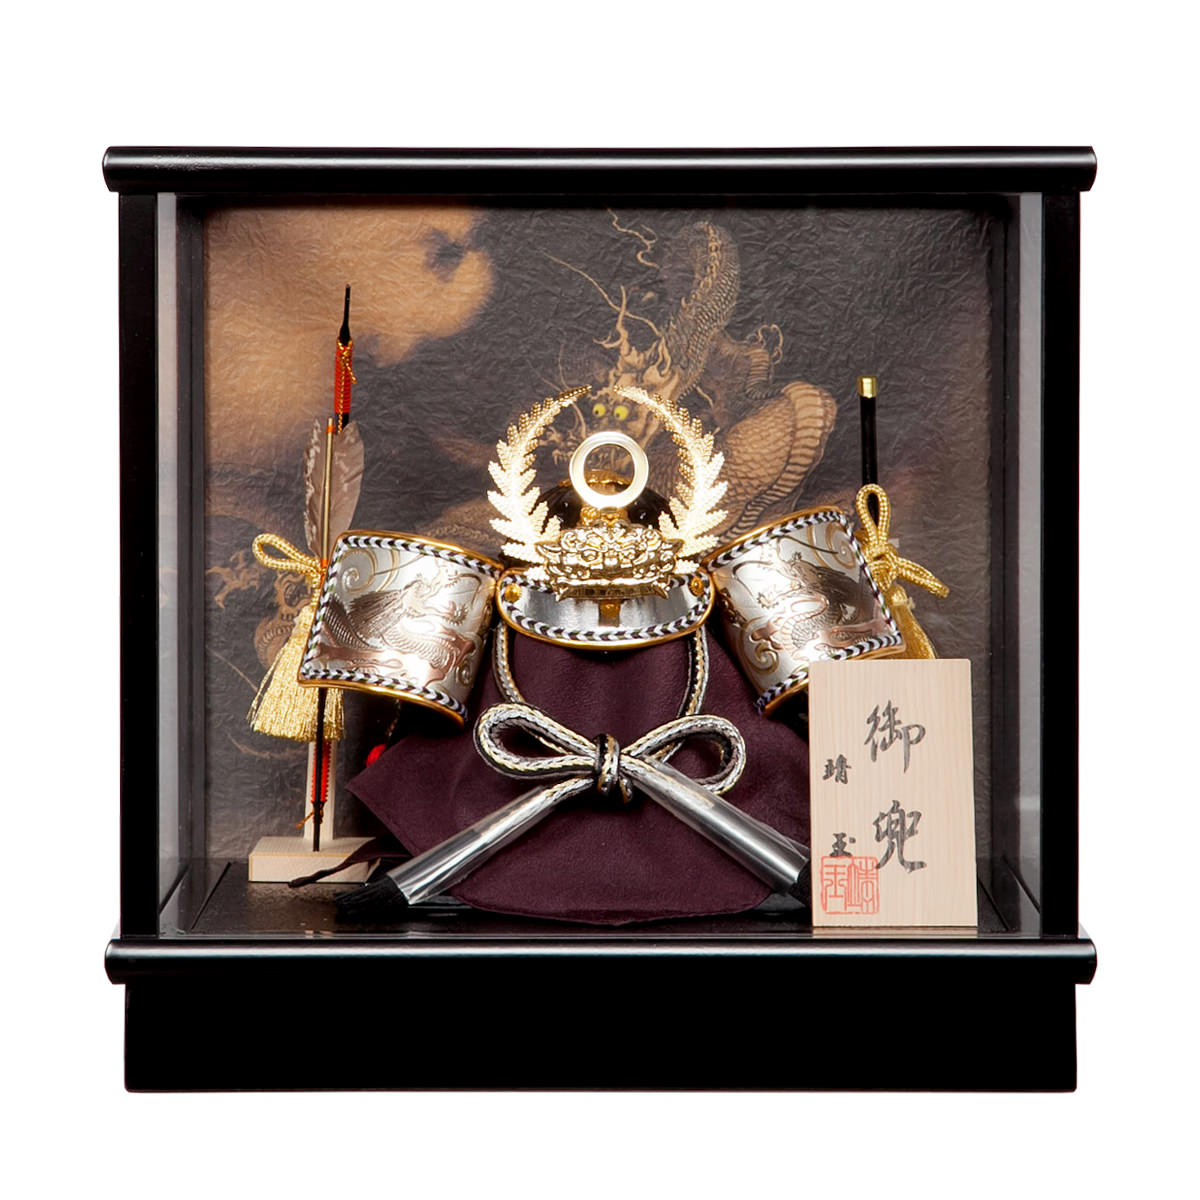 五月節句 男の子 兜飾り ガラスケース入り 「彫金 徳川家康 和紙昇り竜」 格安送料無料